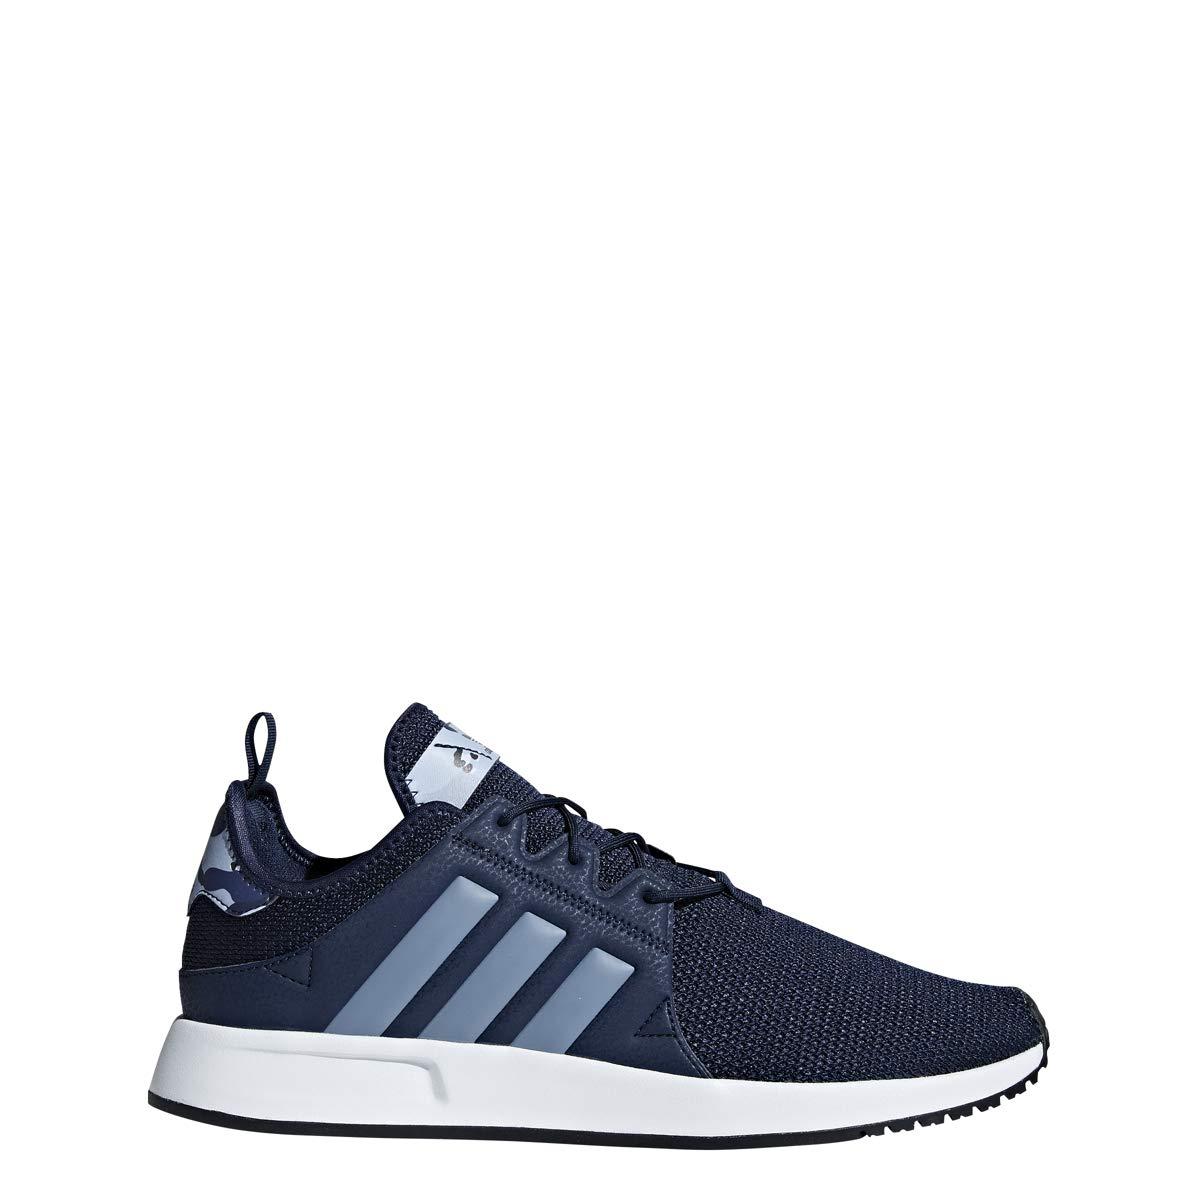 53cb36c076b1 Galleon - Adidas Originals Mens X PLR Running Shoe